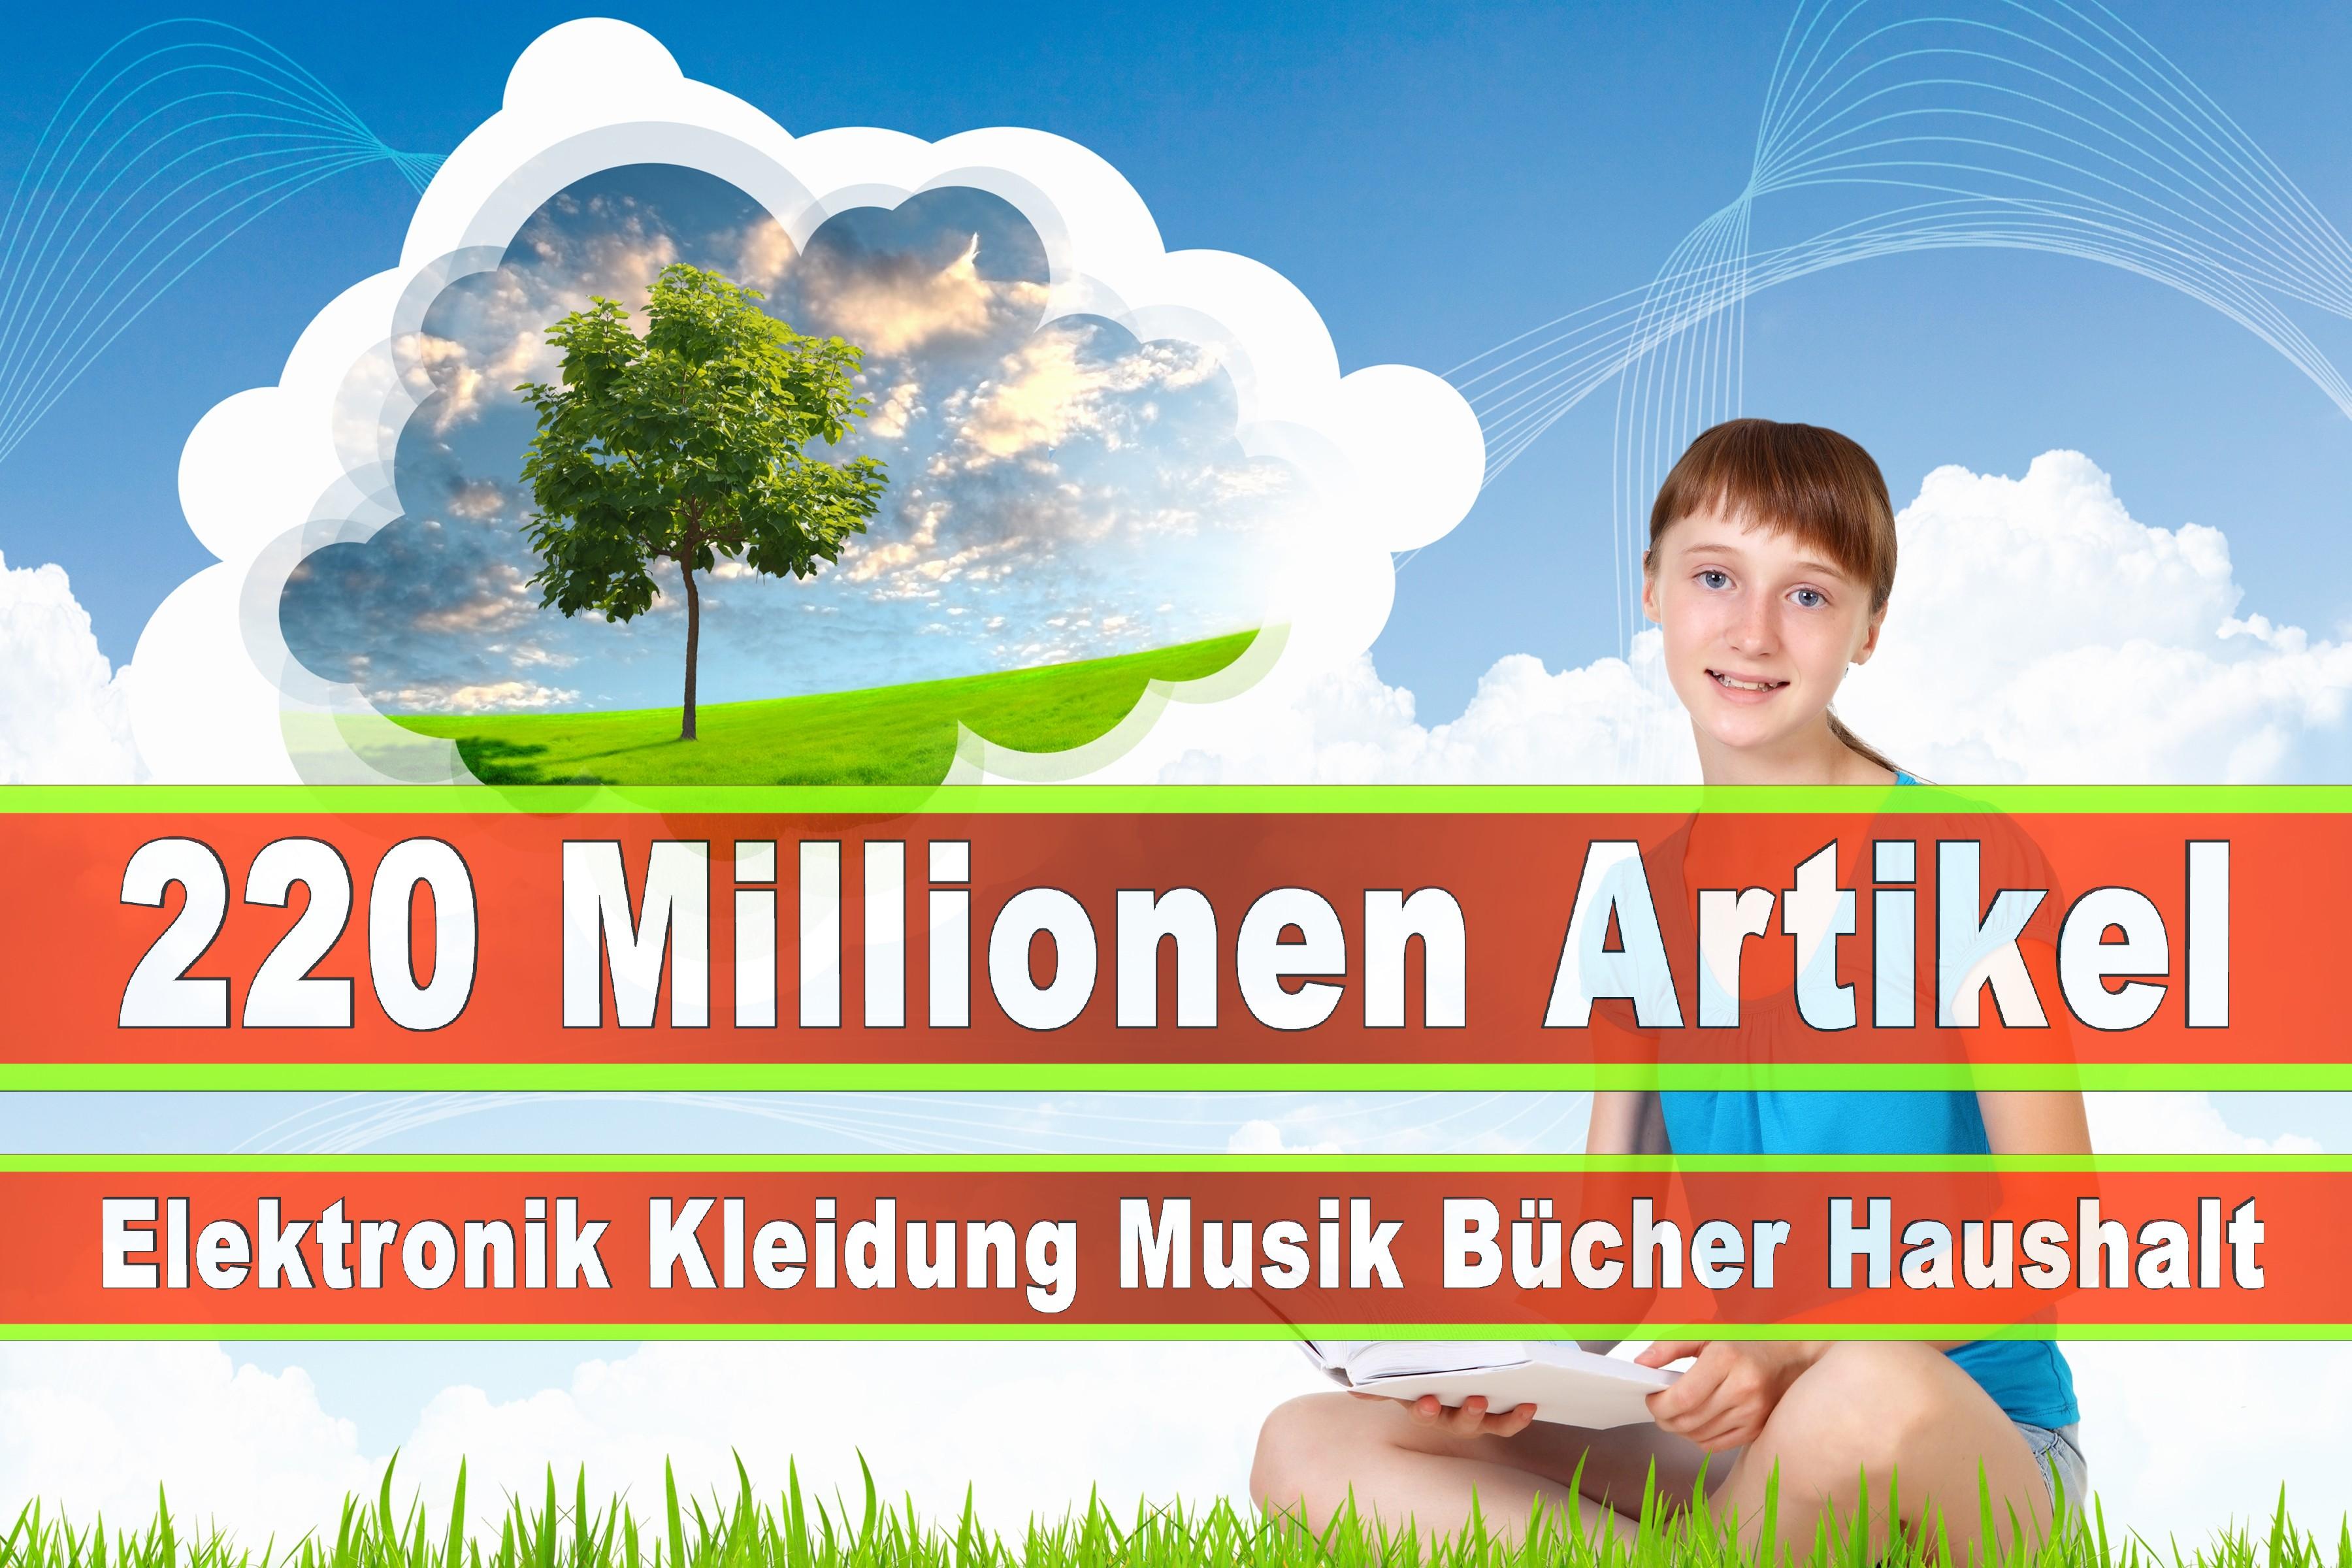 Amazon Elektronik Musik Haushalt Bücher CD DVD Handys Smartphones TV Television Fernseher Kleidung Mode Ebay Versandhaus (186)